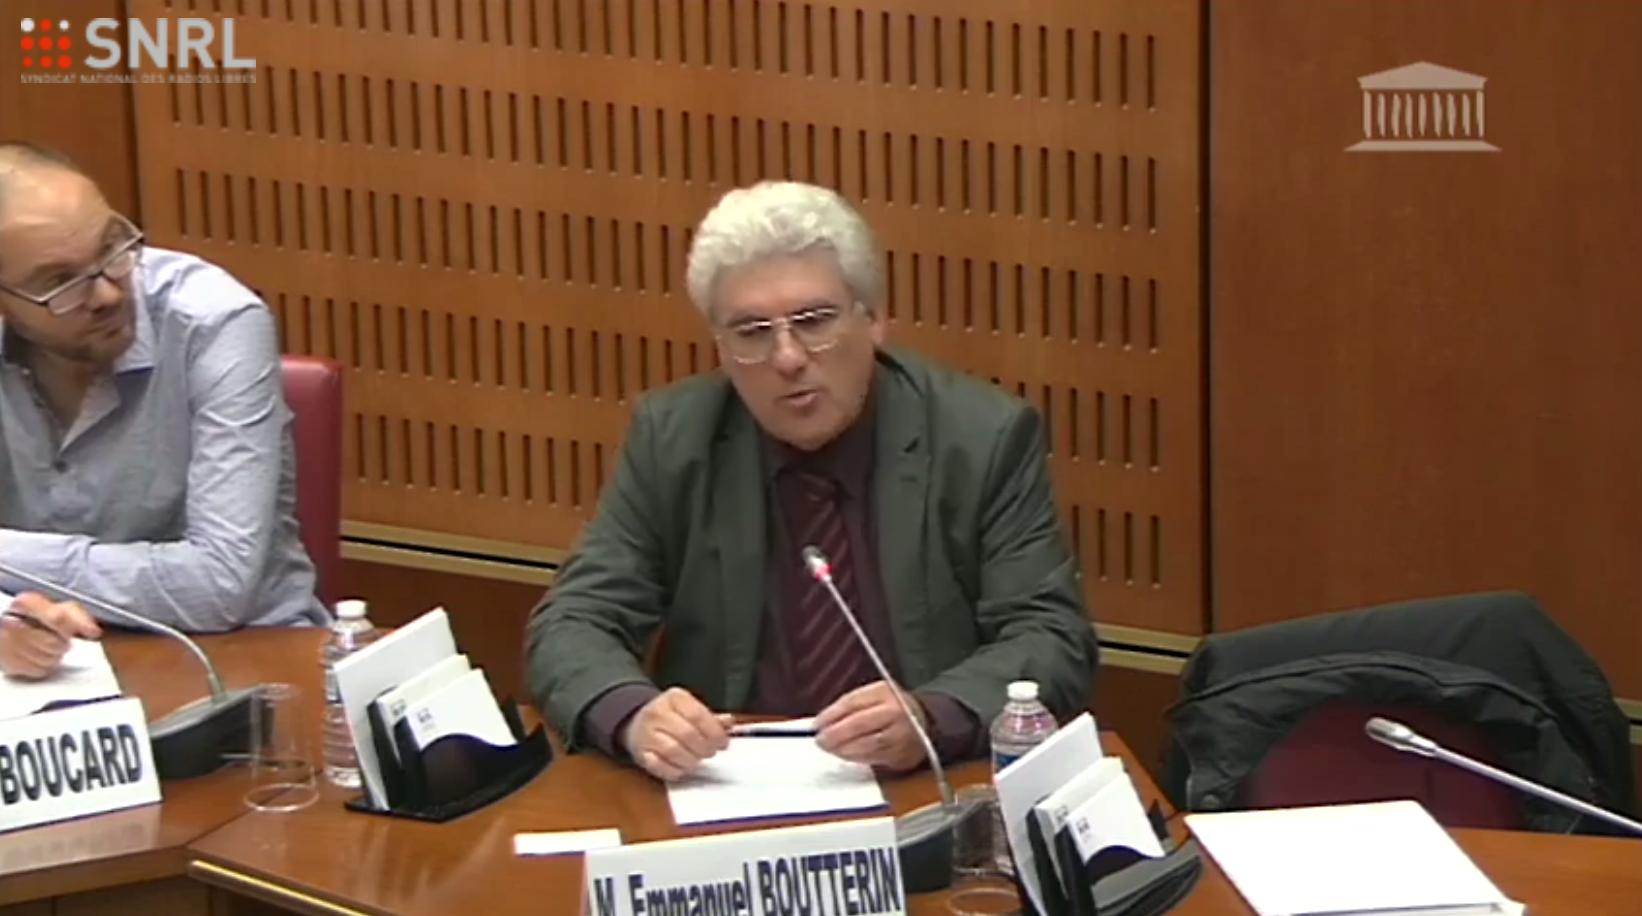 Pierre Boucard et Emmanuel Boutterin ont partagé devant les députés leur vision de la radio